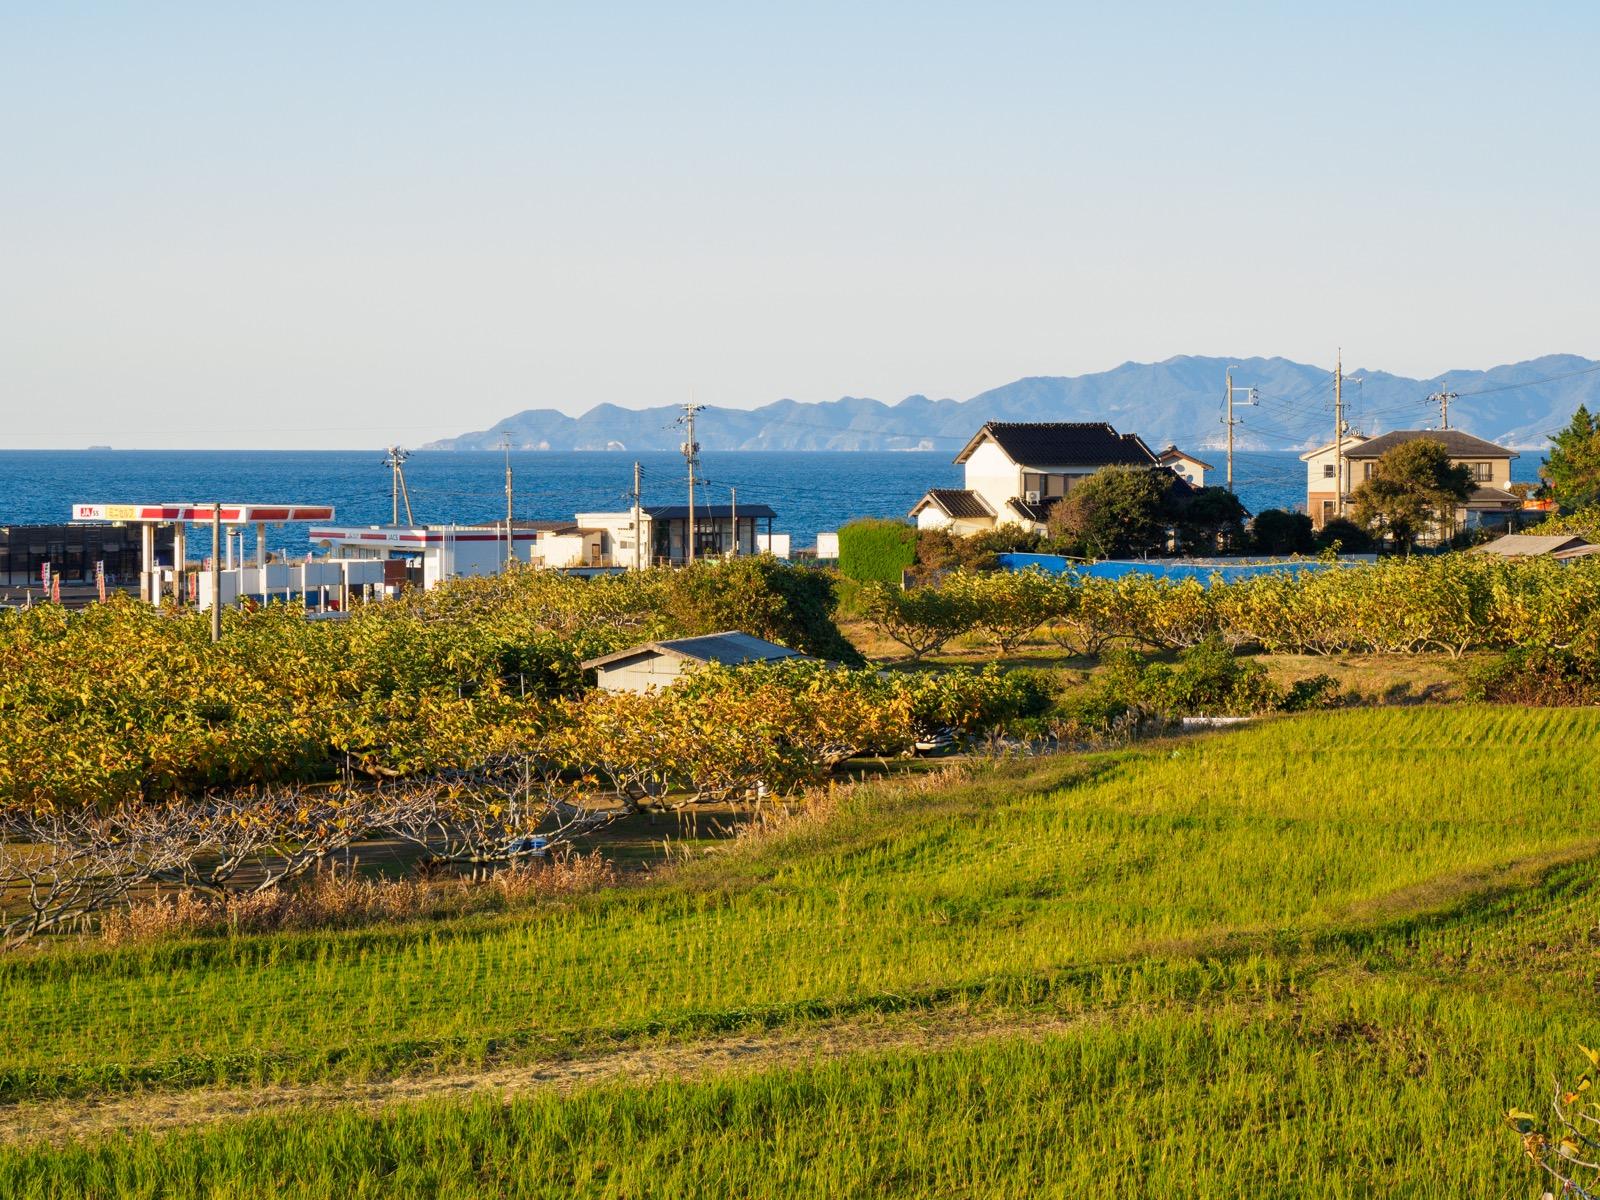 小田駅前のいちじく畑と日本海